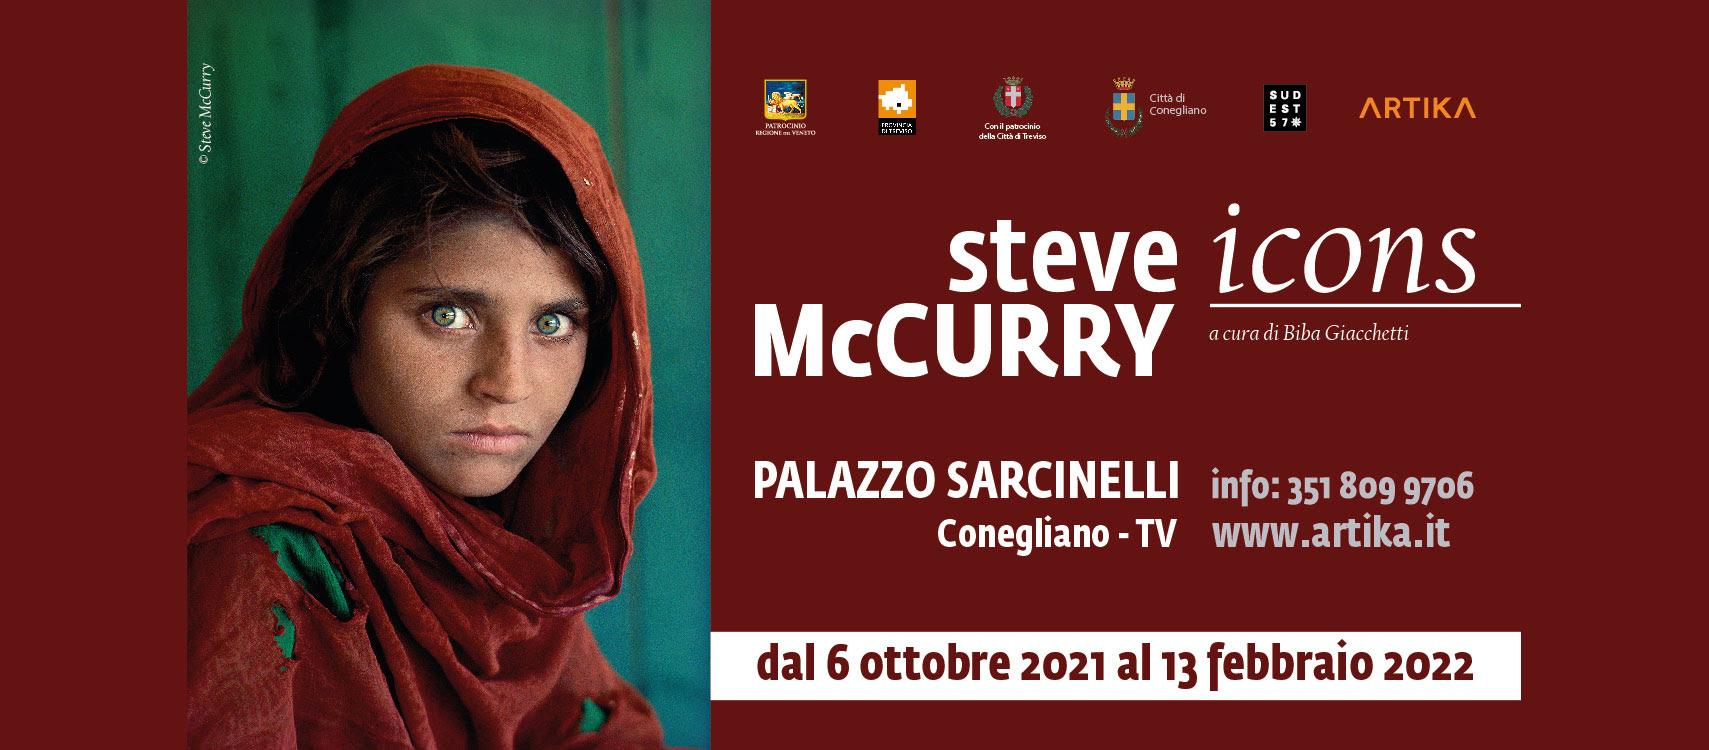 Mostra: LA RAGAZZA AFGHANA di Steve McCurry – Palazzo Sarcinelli Conegliano(TV)